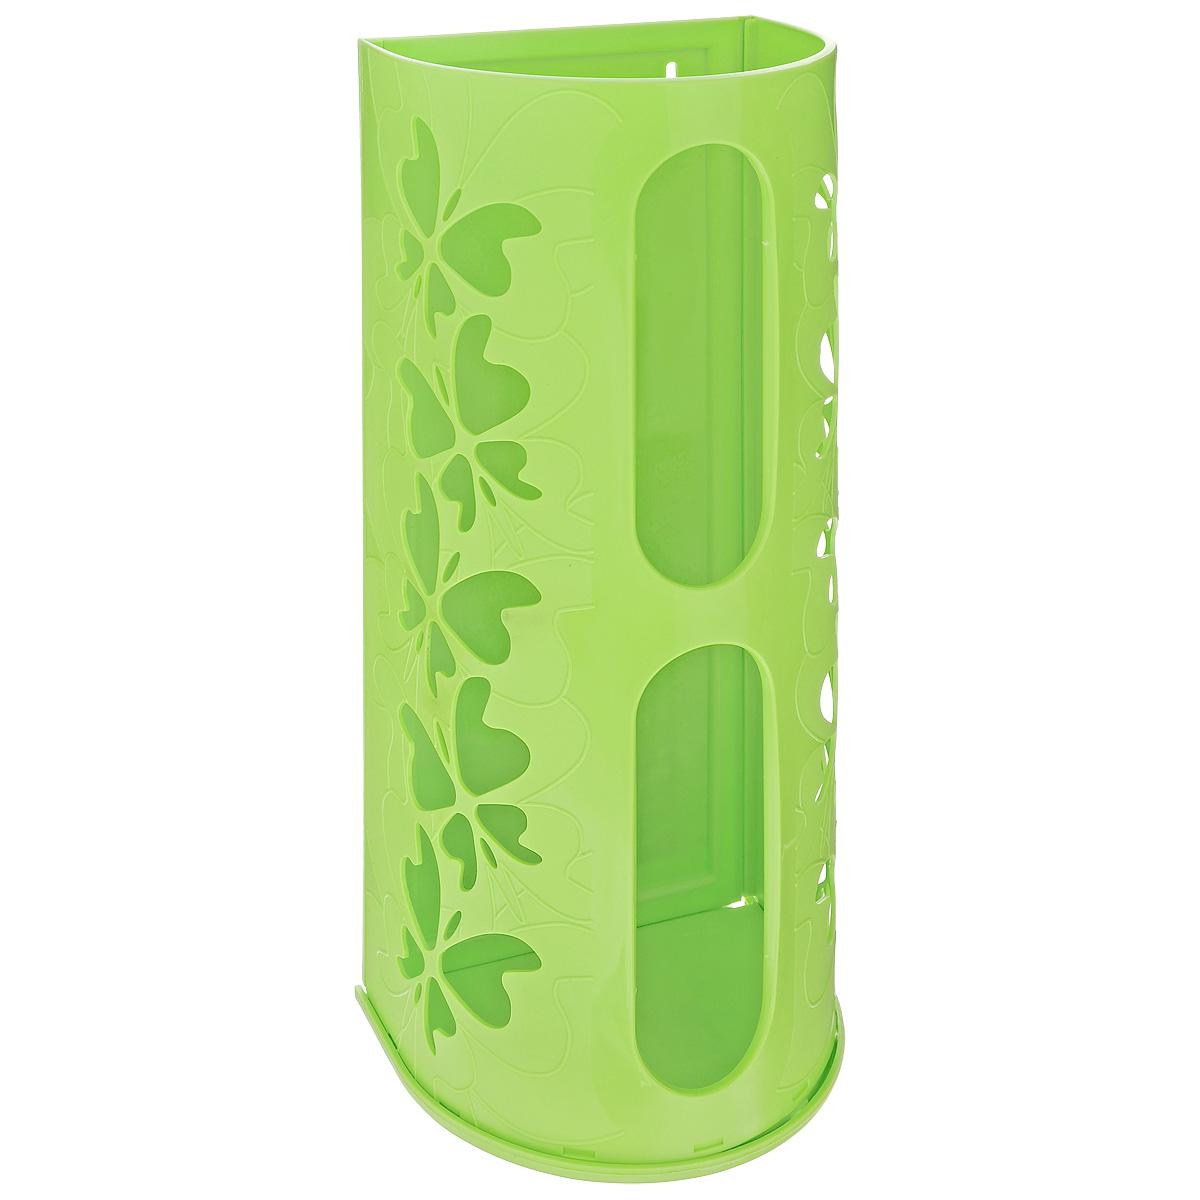 Корзина для пакетов Berossi Fly, цвет: салатовый, 16 х 13 х 37,5 смRG-D31SКорзина Berossi Fly выполнена из пластика и предназначена для хранения пакетов для продуктов. Изделие декорировано перфорацией в виде бабочек и крепится к стене при помощи трех саморезов (входят в комплект). Корзина легко собирается и разбирается. Имеет два отверстия, из которых удобно вынимать пакеты.Корзина Berossi Fly позволяет хранить пакеты в одном месте. Размер корзины (в собранном виде): 16 см х 13 см х 37,5 см.